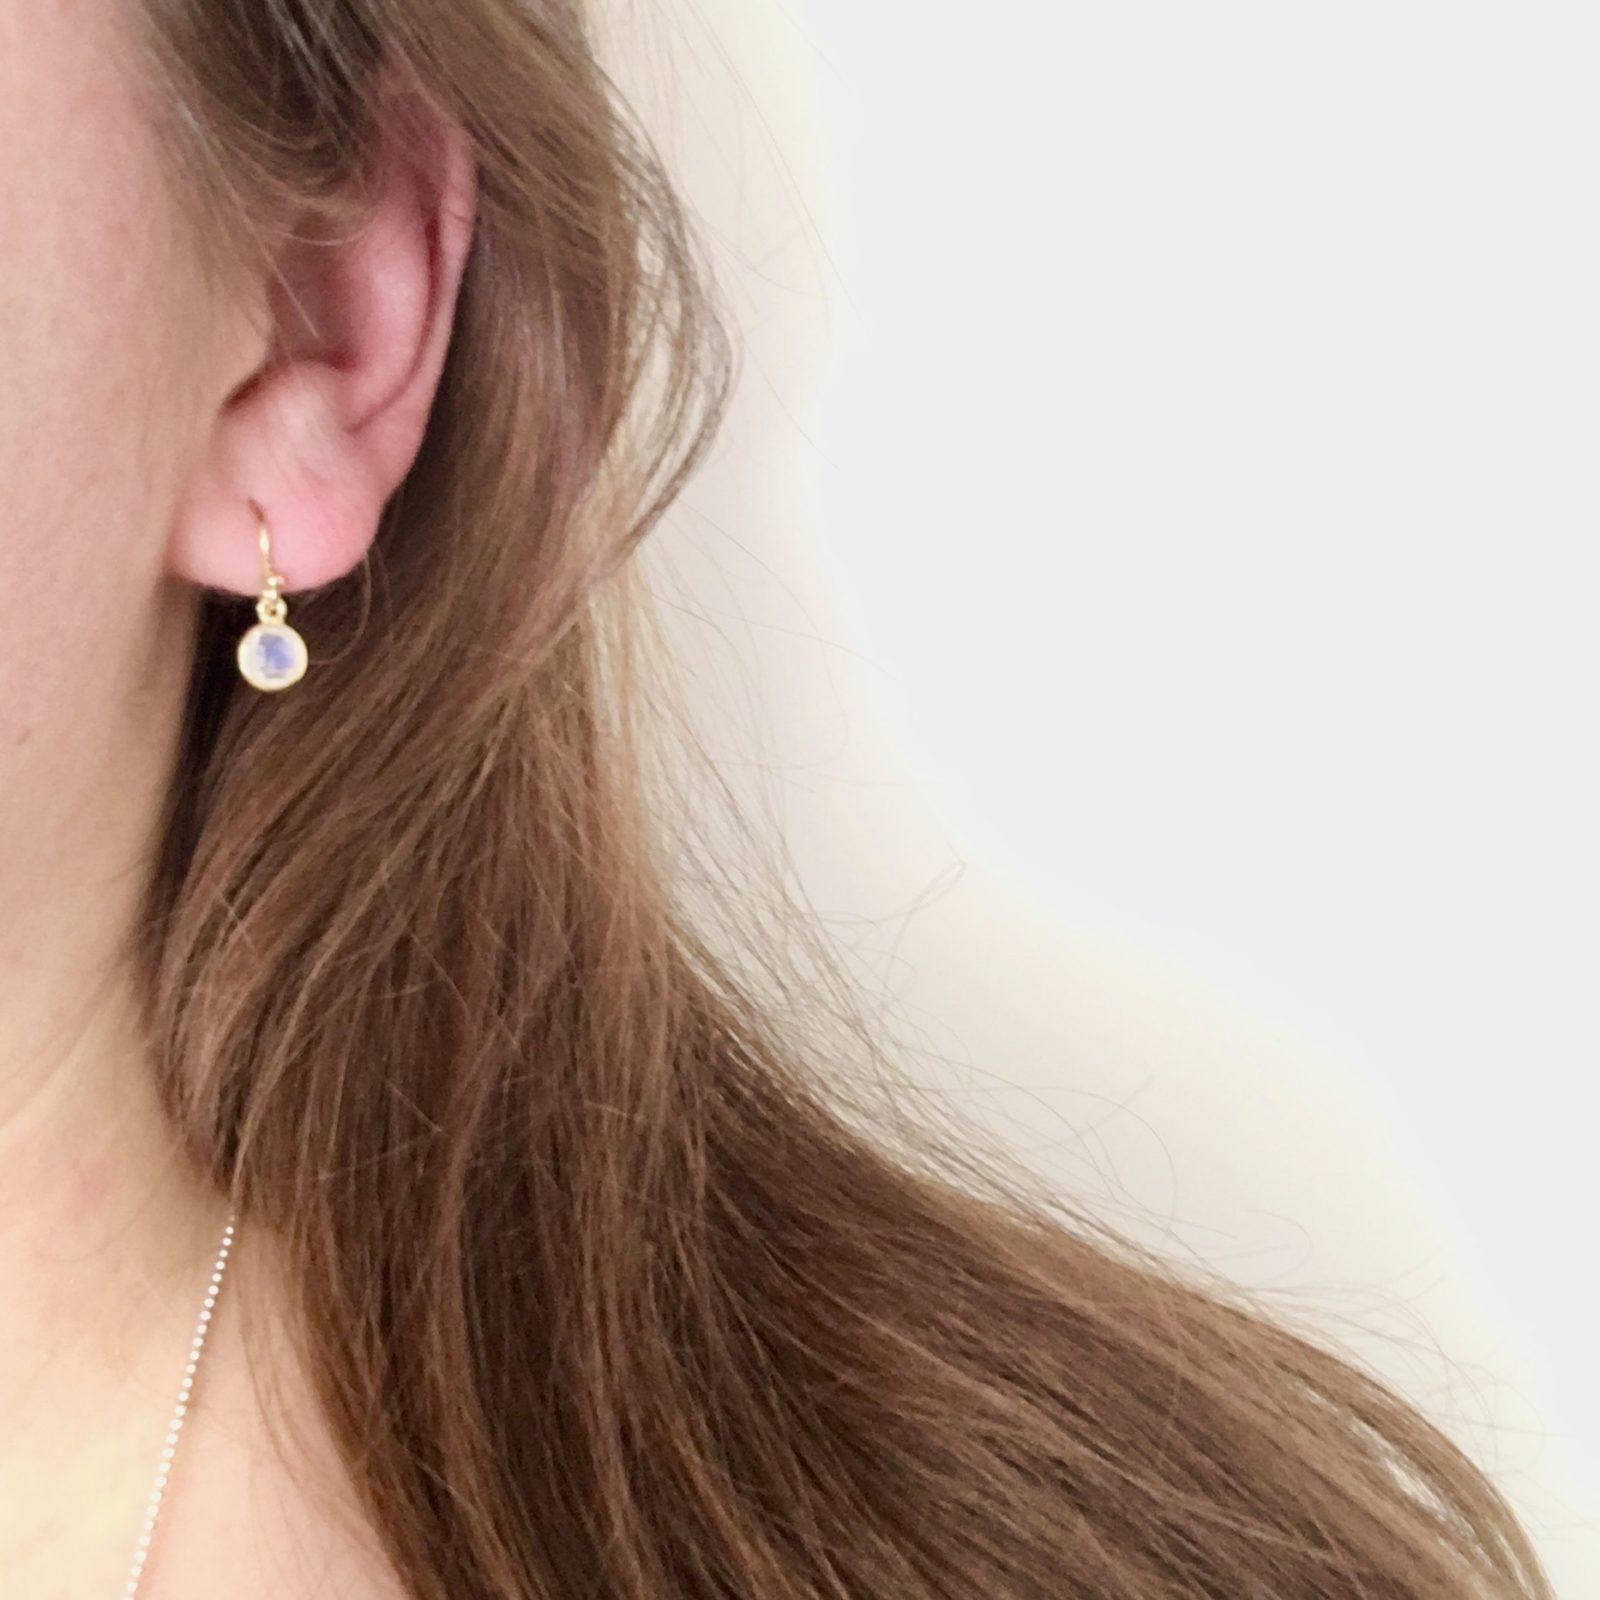 Kleine edelsteen oorbellen rond rainbow moonstone925 zilver verguld mini oorbellen